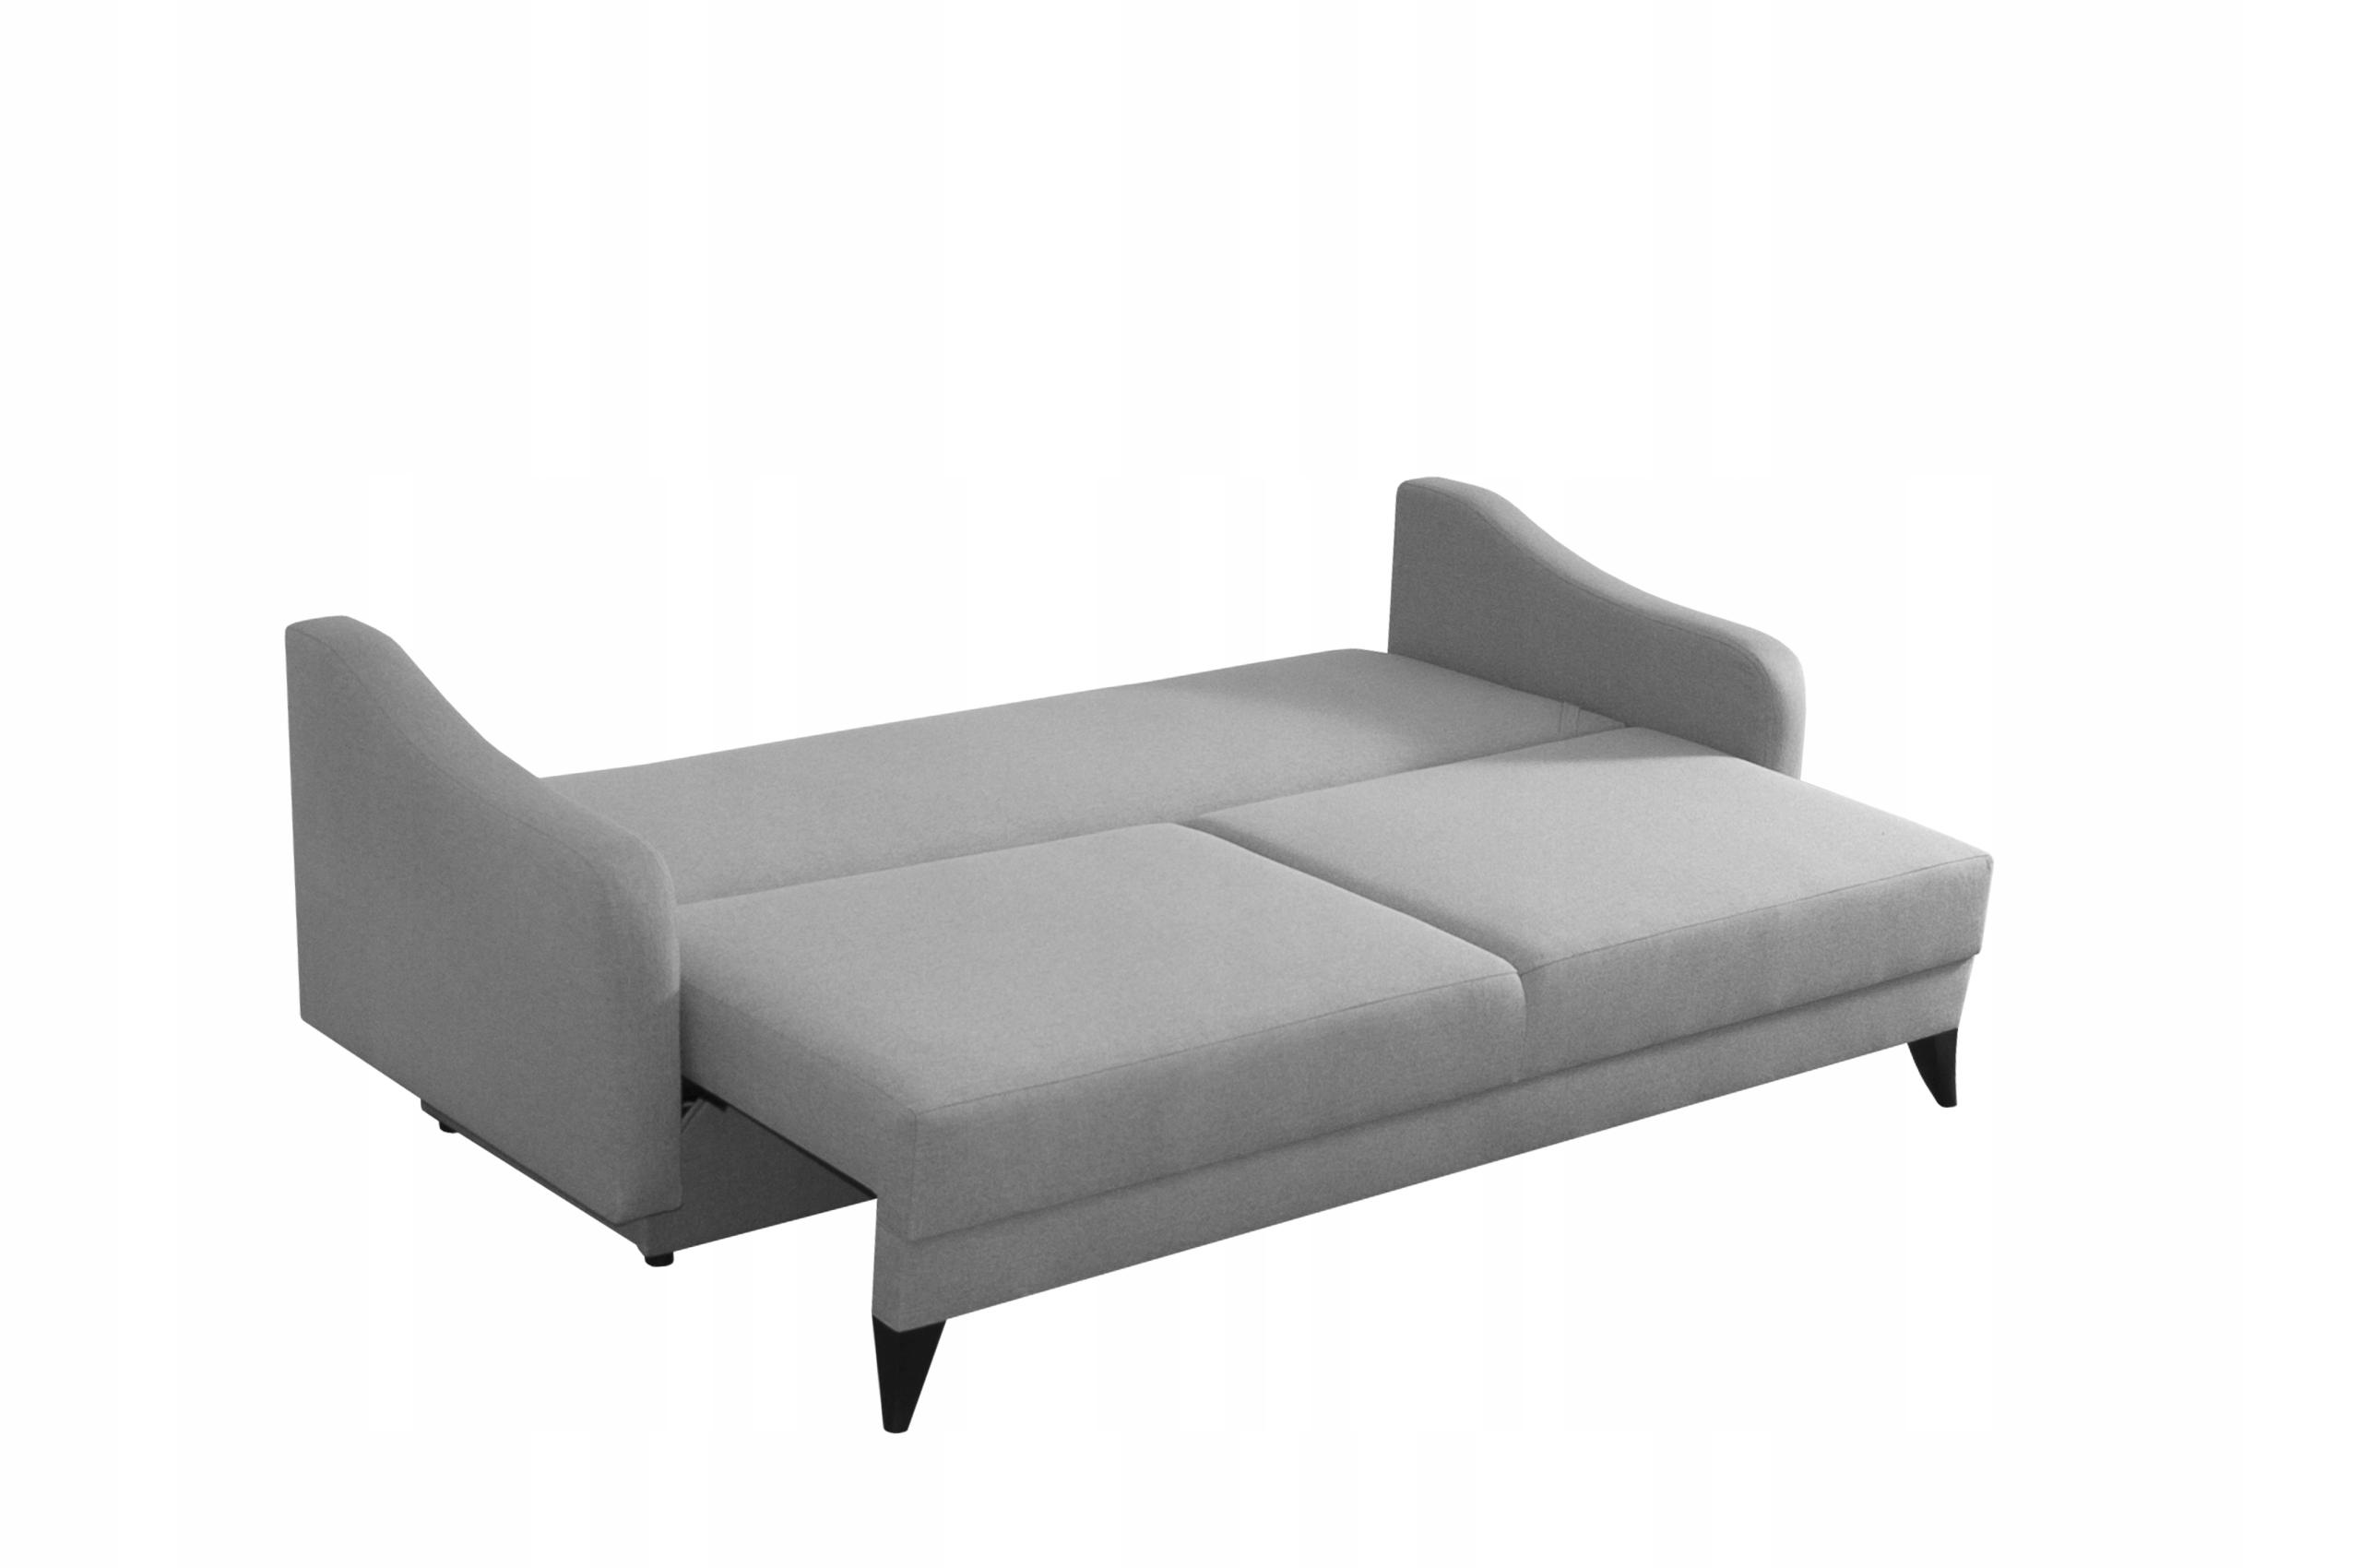 LATIKA WOHNZIMMER / FARBEN / NEU Die Tiefe der Möbel beträgt 94 cm